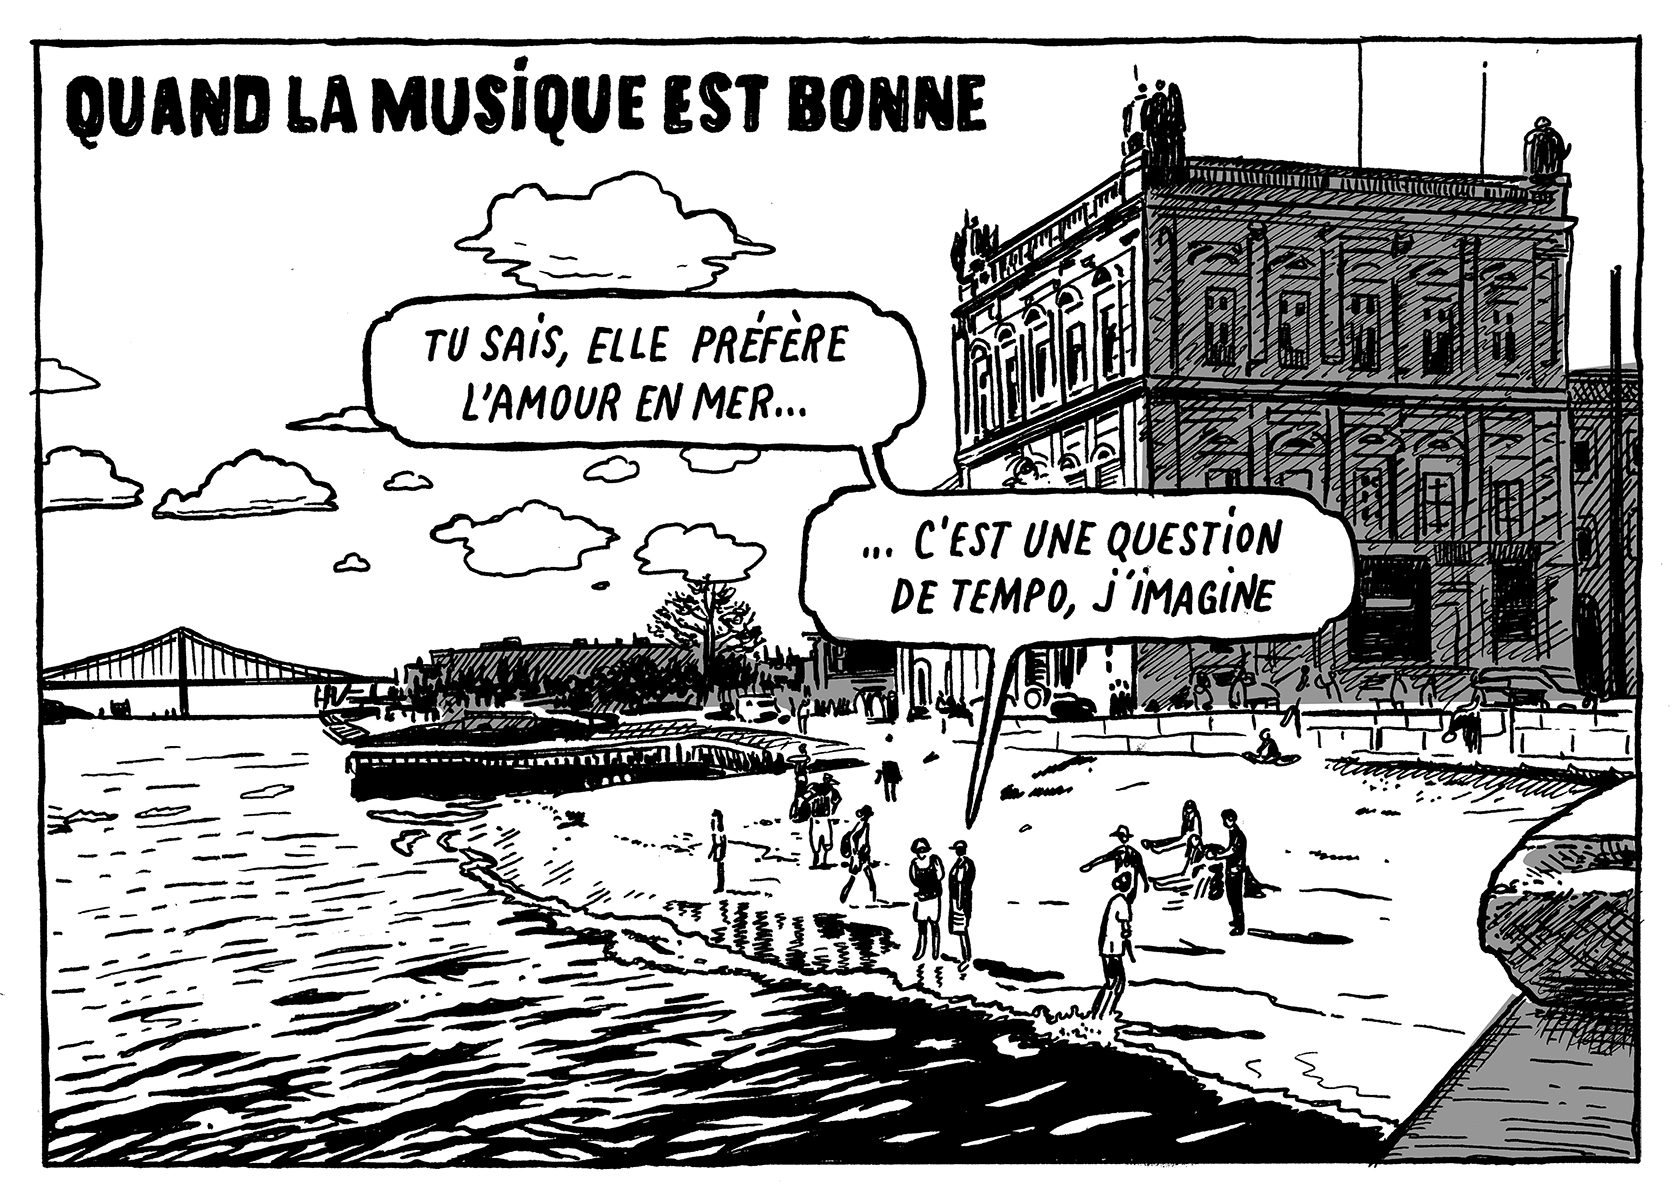 L'amour en mer | GALERIE TREIZE-DIX / L'AMOUR EN MER | STÉPHANE TRAPIER